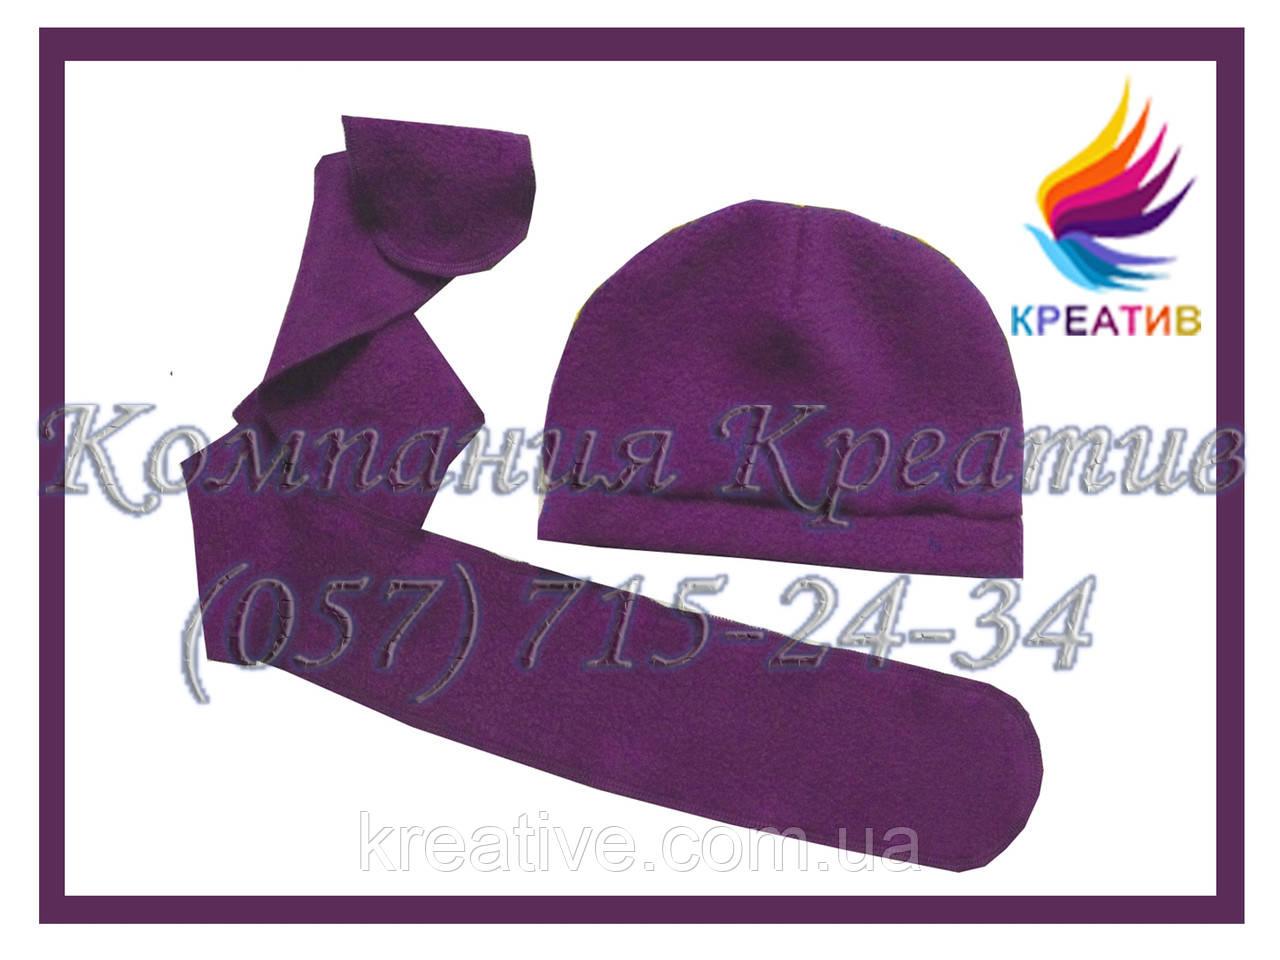 Детский комплект из флисова (шапка+шарф) с Вашим логотипом (от 50 шт.)